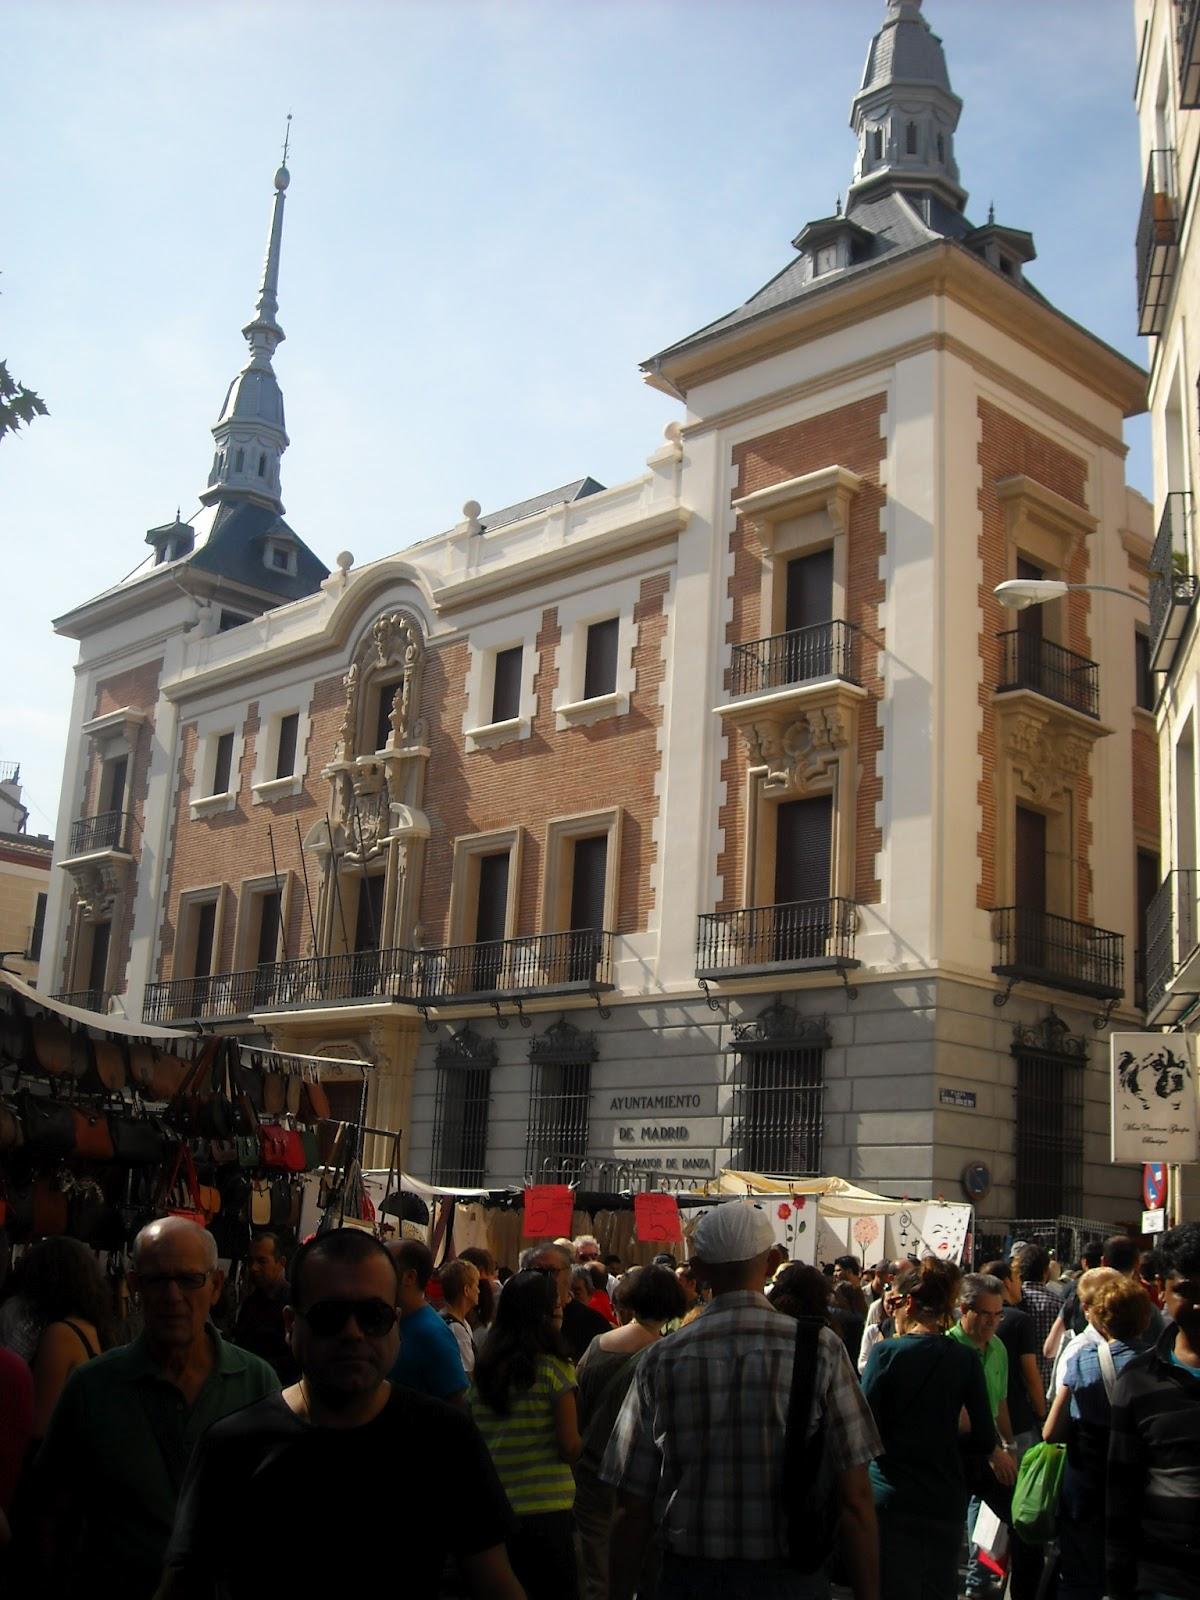 Barquilleros de madrid julian ca as el madrid de los - Artesanos de madrid ...